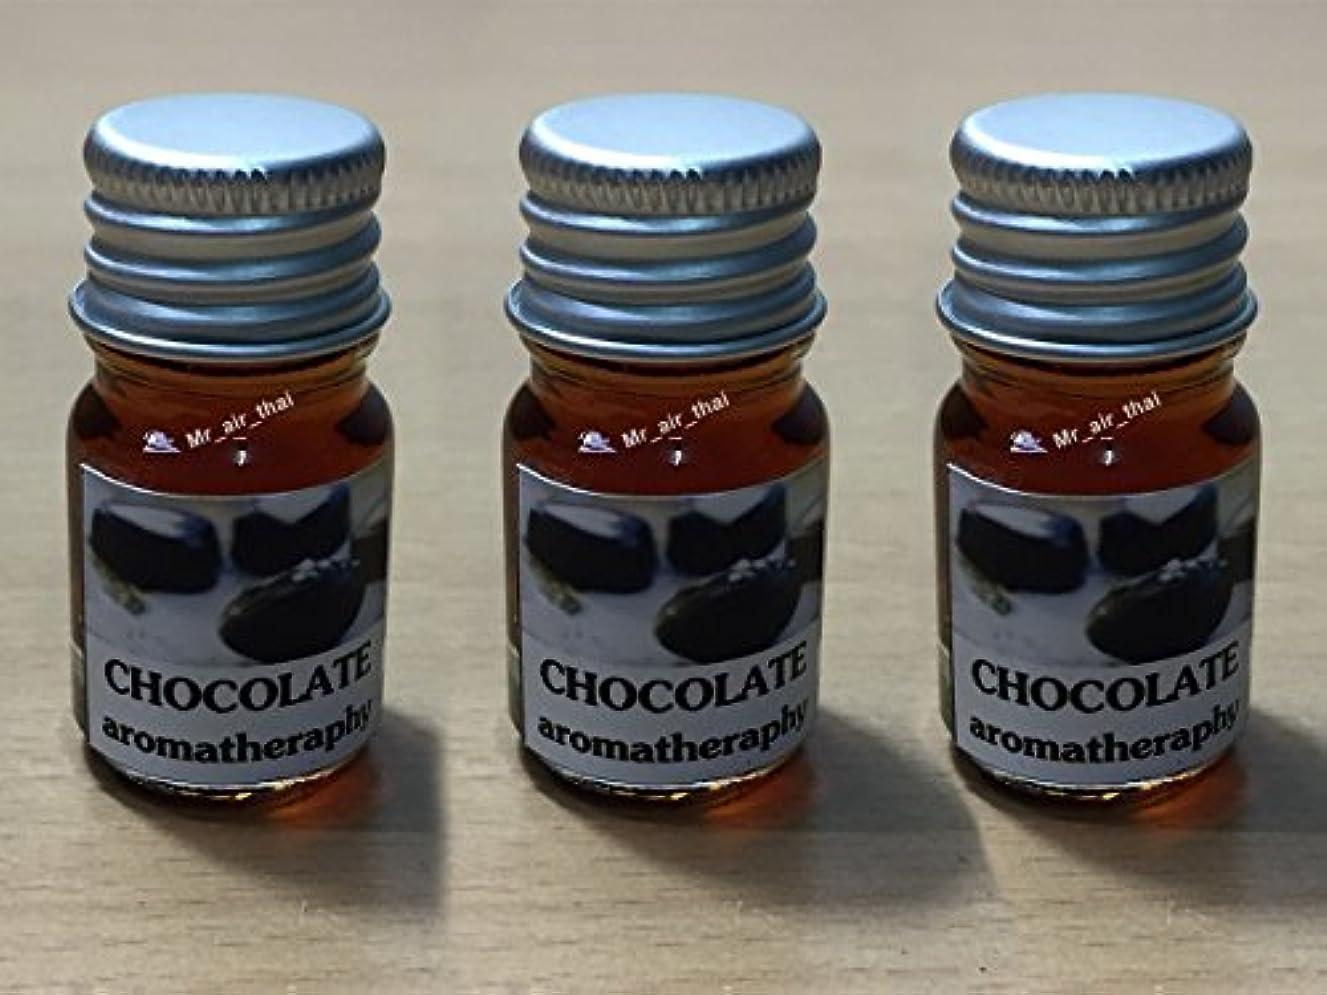 記念日動機横向き3個セット,5ミリリットルアロマチョコレートフランクインセンスエッセンシャルオイルボトルアロマテラピーオイル自然自然 3PC 5ml Aroma Chocolate Frankincense Essential Oil...